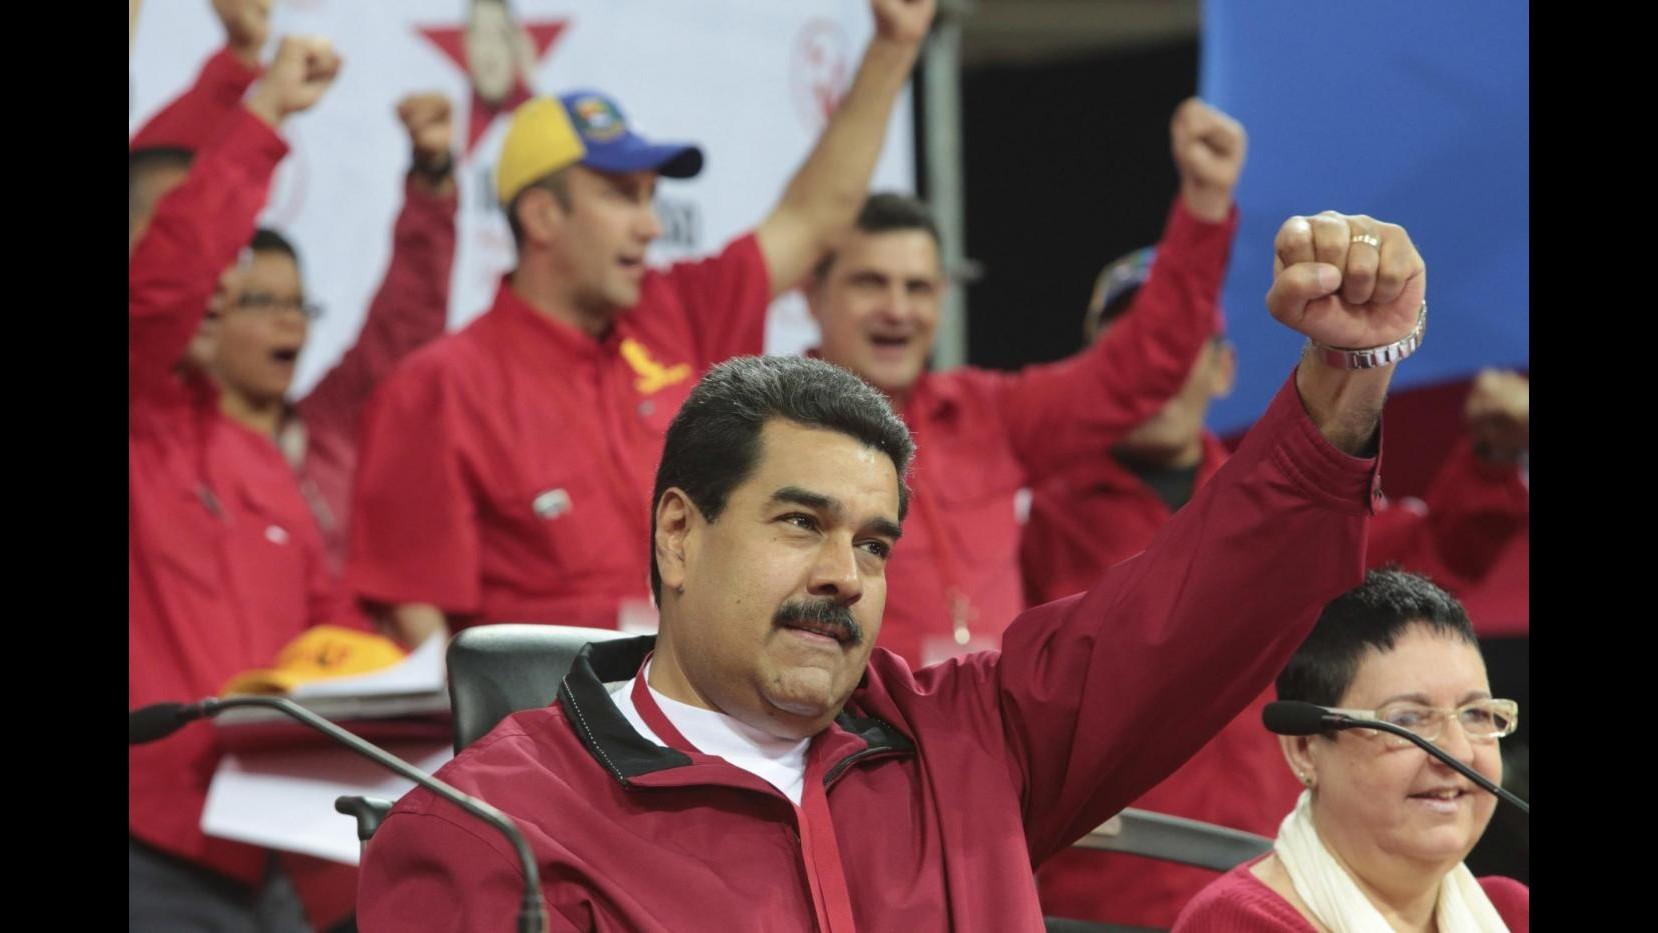 Venezuela, lunedì vertice Unasur dopo denuncia Maduro su tentativi destabilizzazione